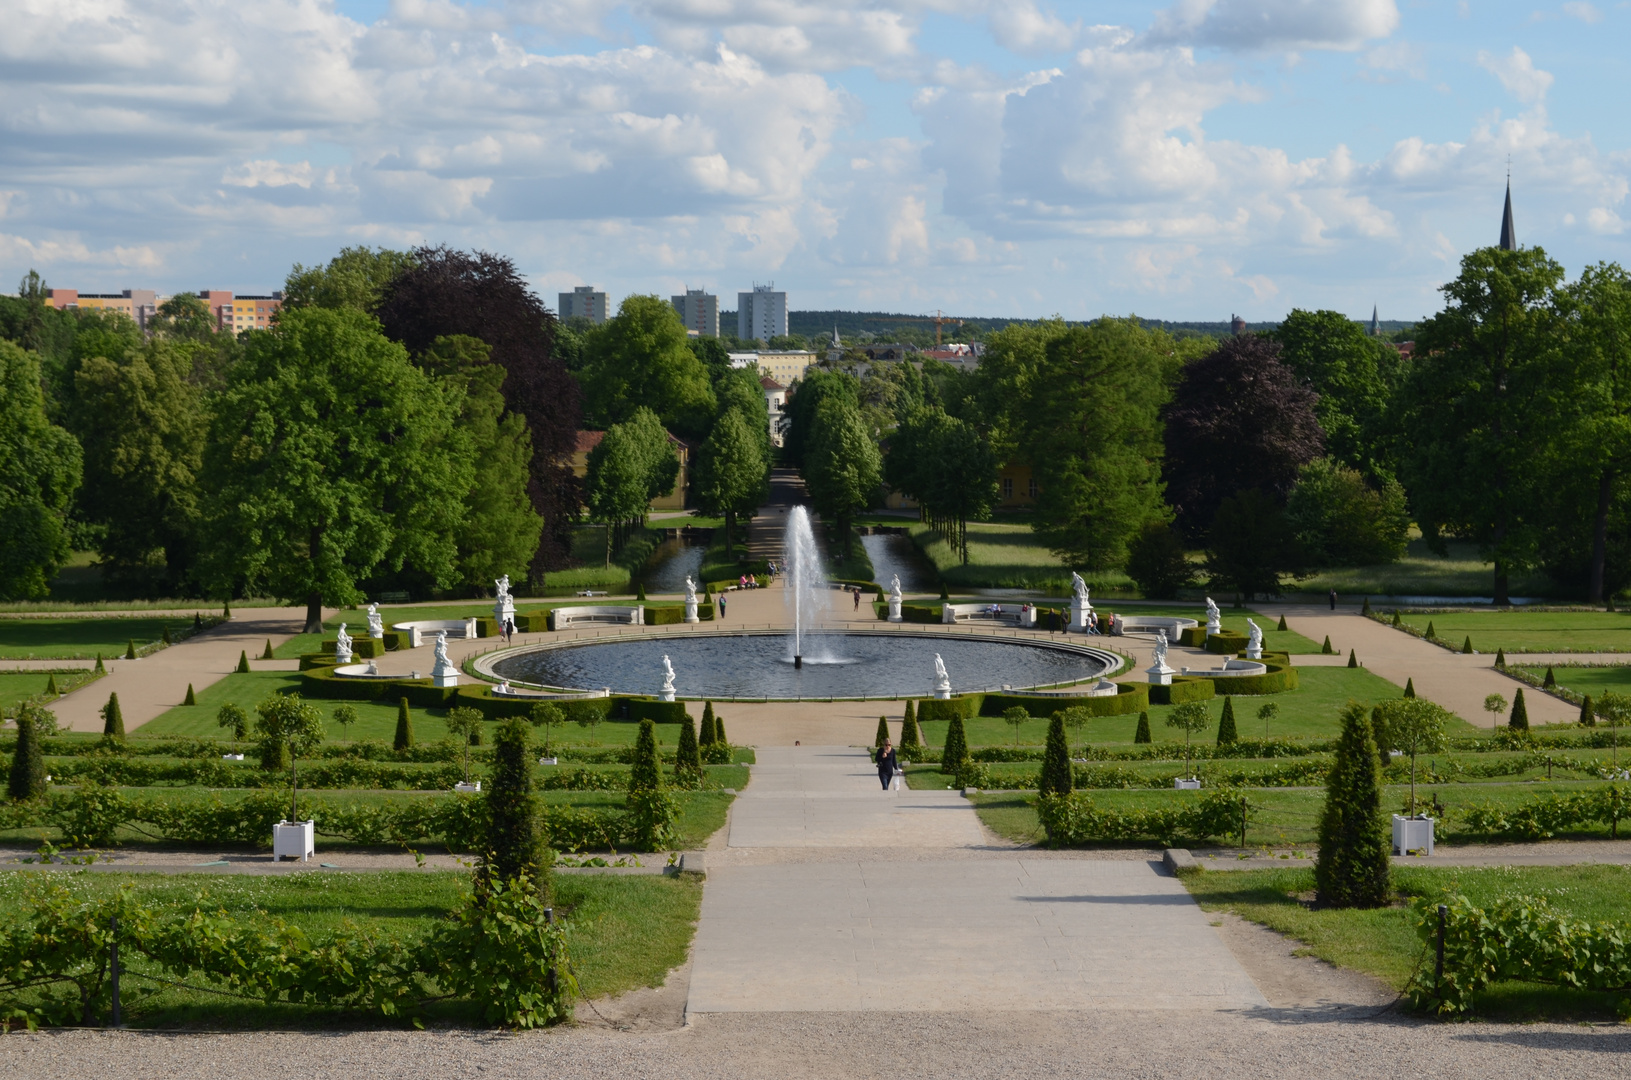 Blick auf die große Fontäne im Schlosspark Sannsouci